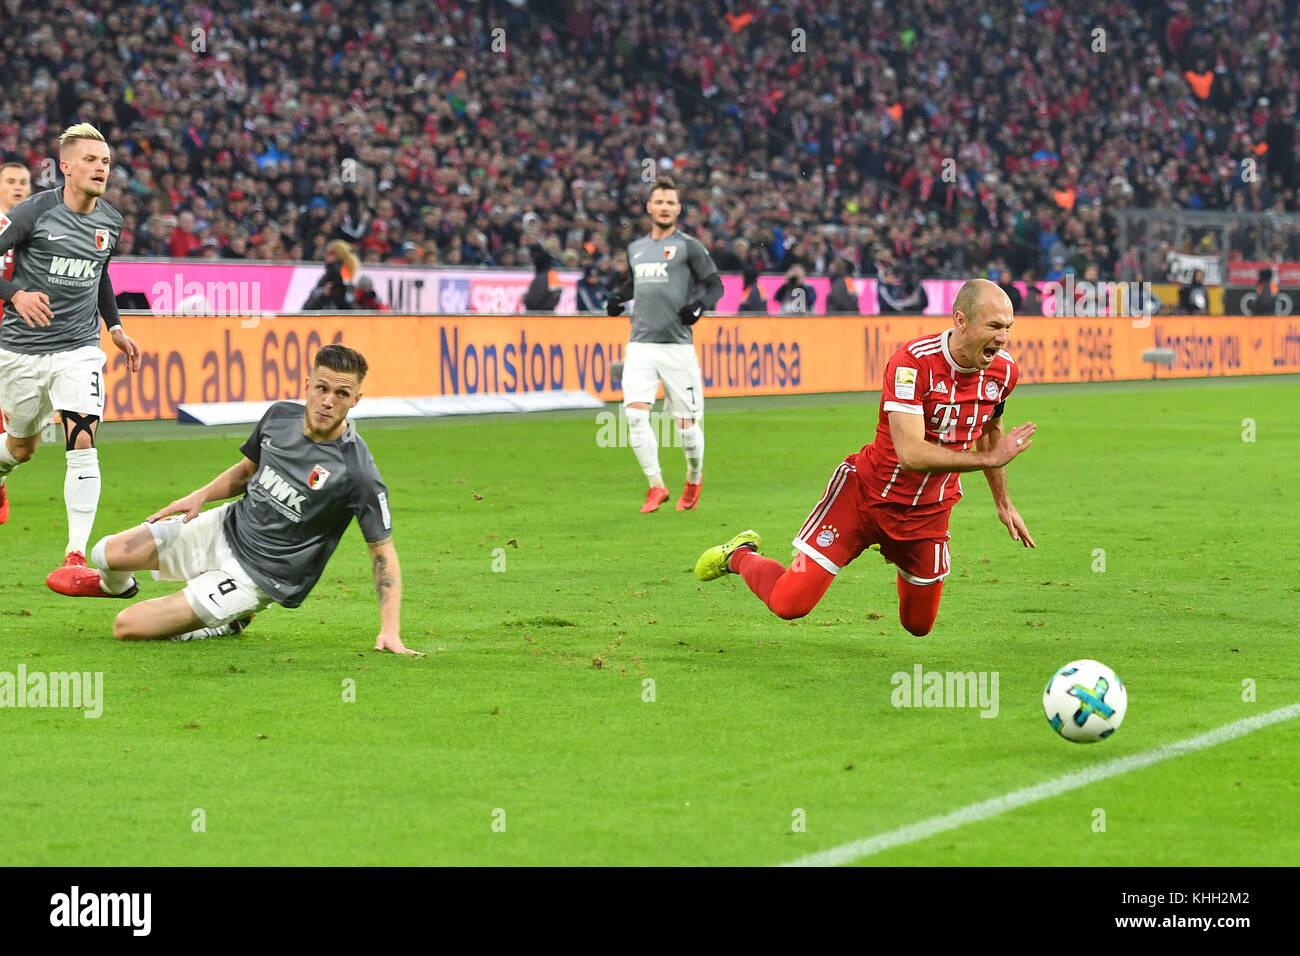 Jeffrey GOUWELEEUW (Augsburg), Aktion, duels, Foul an Arjen ROBBEN (FC Bayern Munich). Fussball 1. Bundesliga, 12.Spieltag, - Stock Image